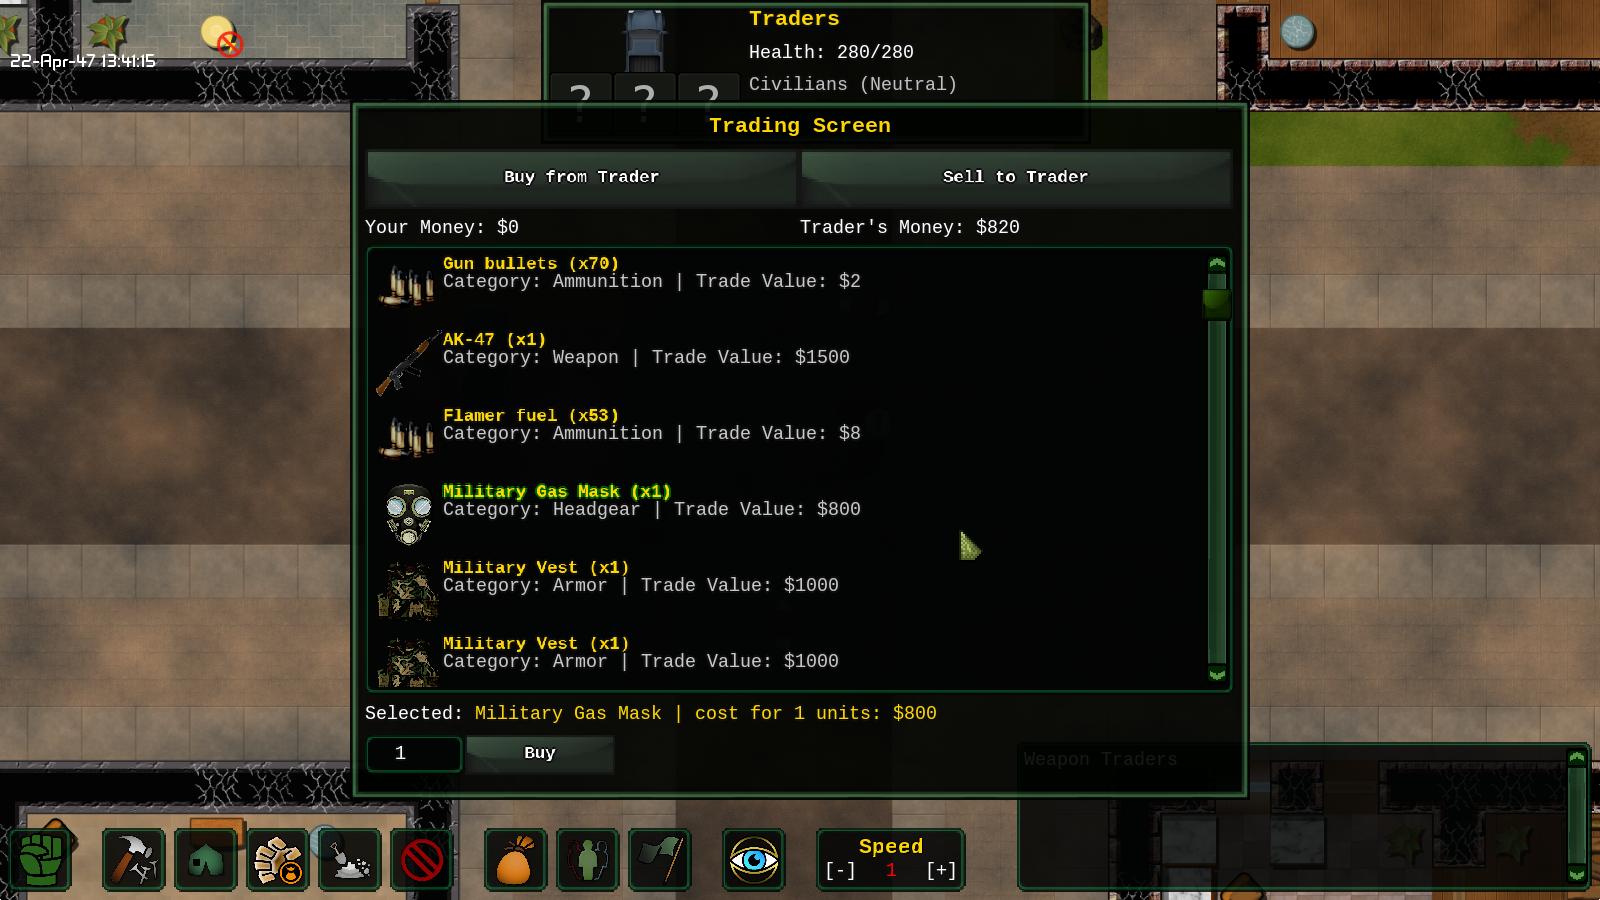 ATC: Trading